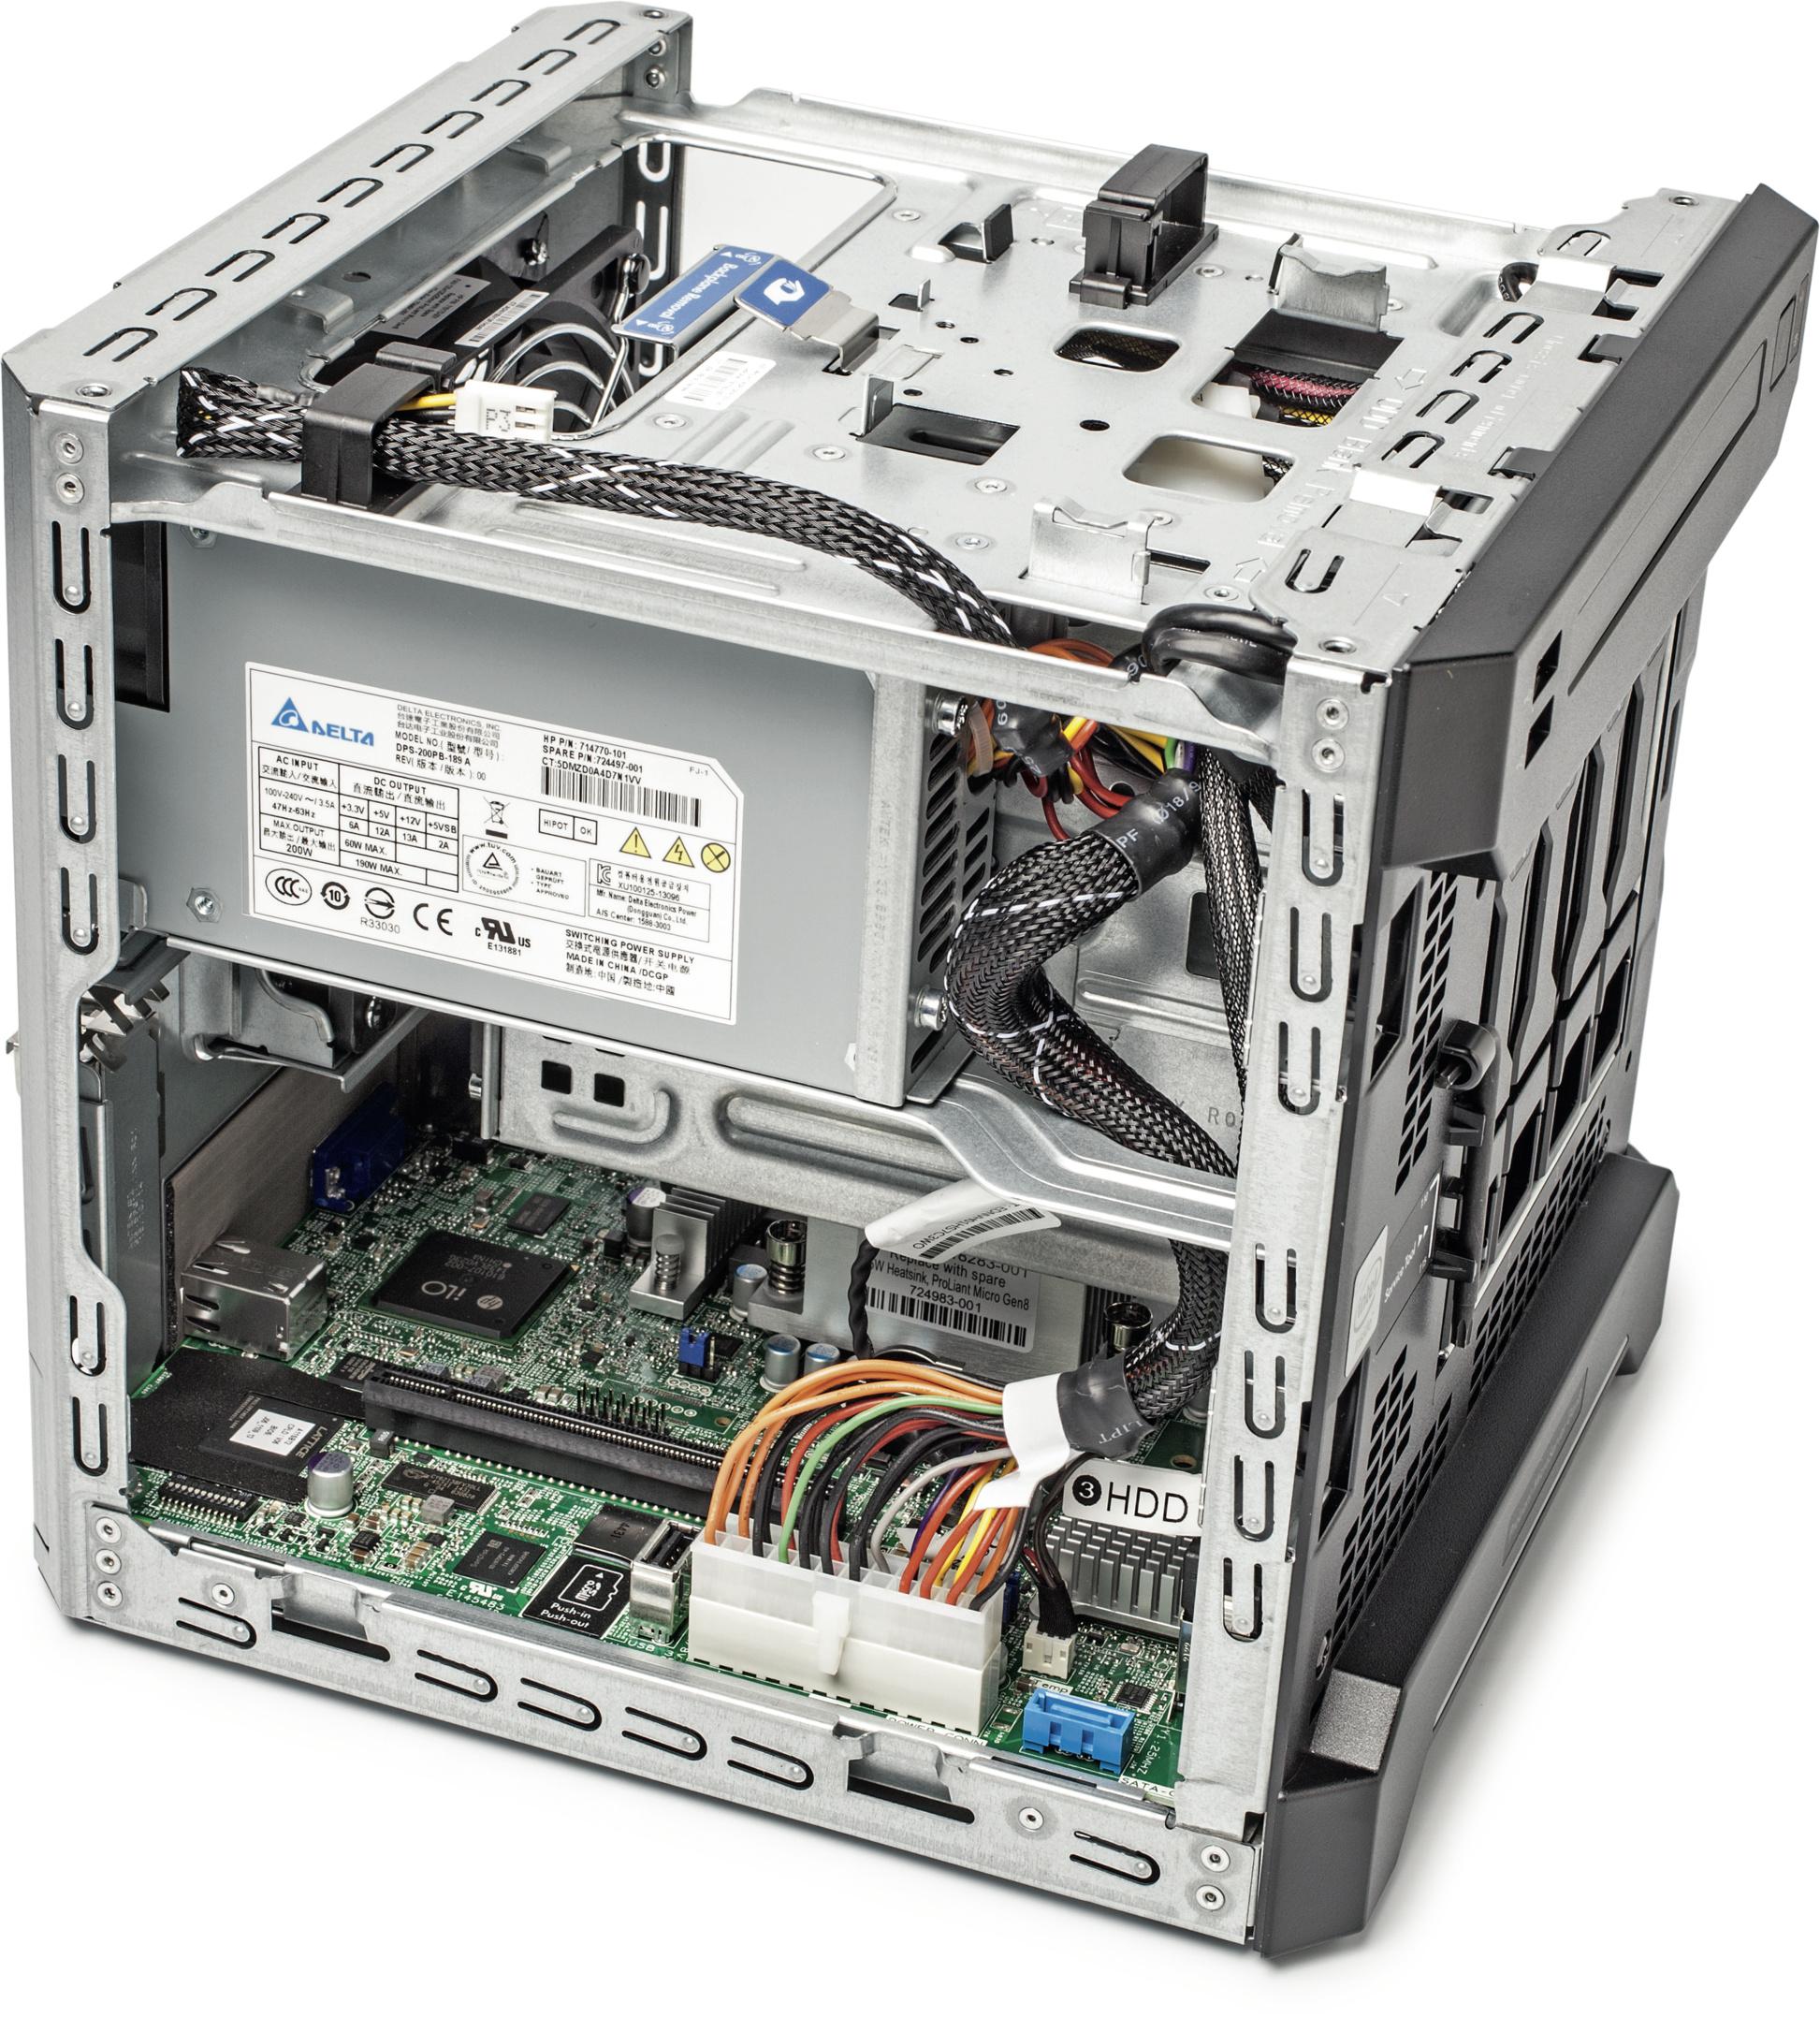 hp proliant microserver gen8 g1610t firmware